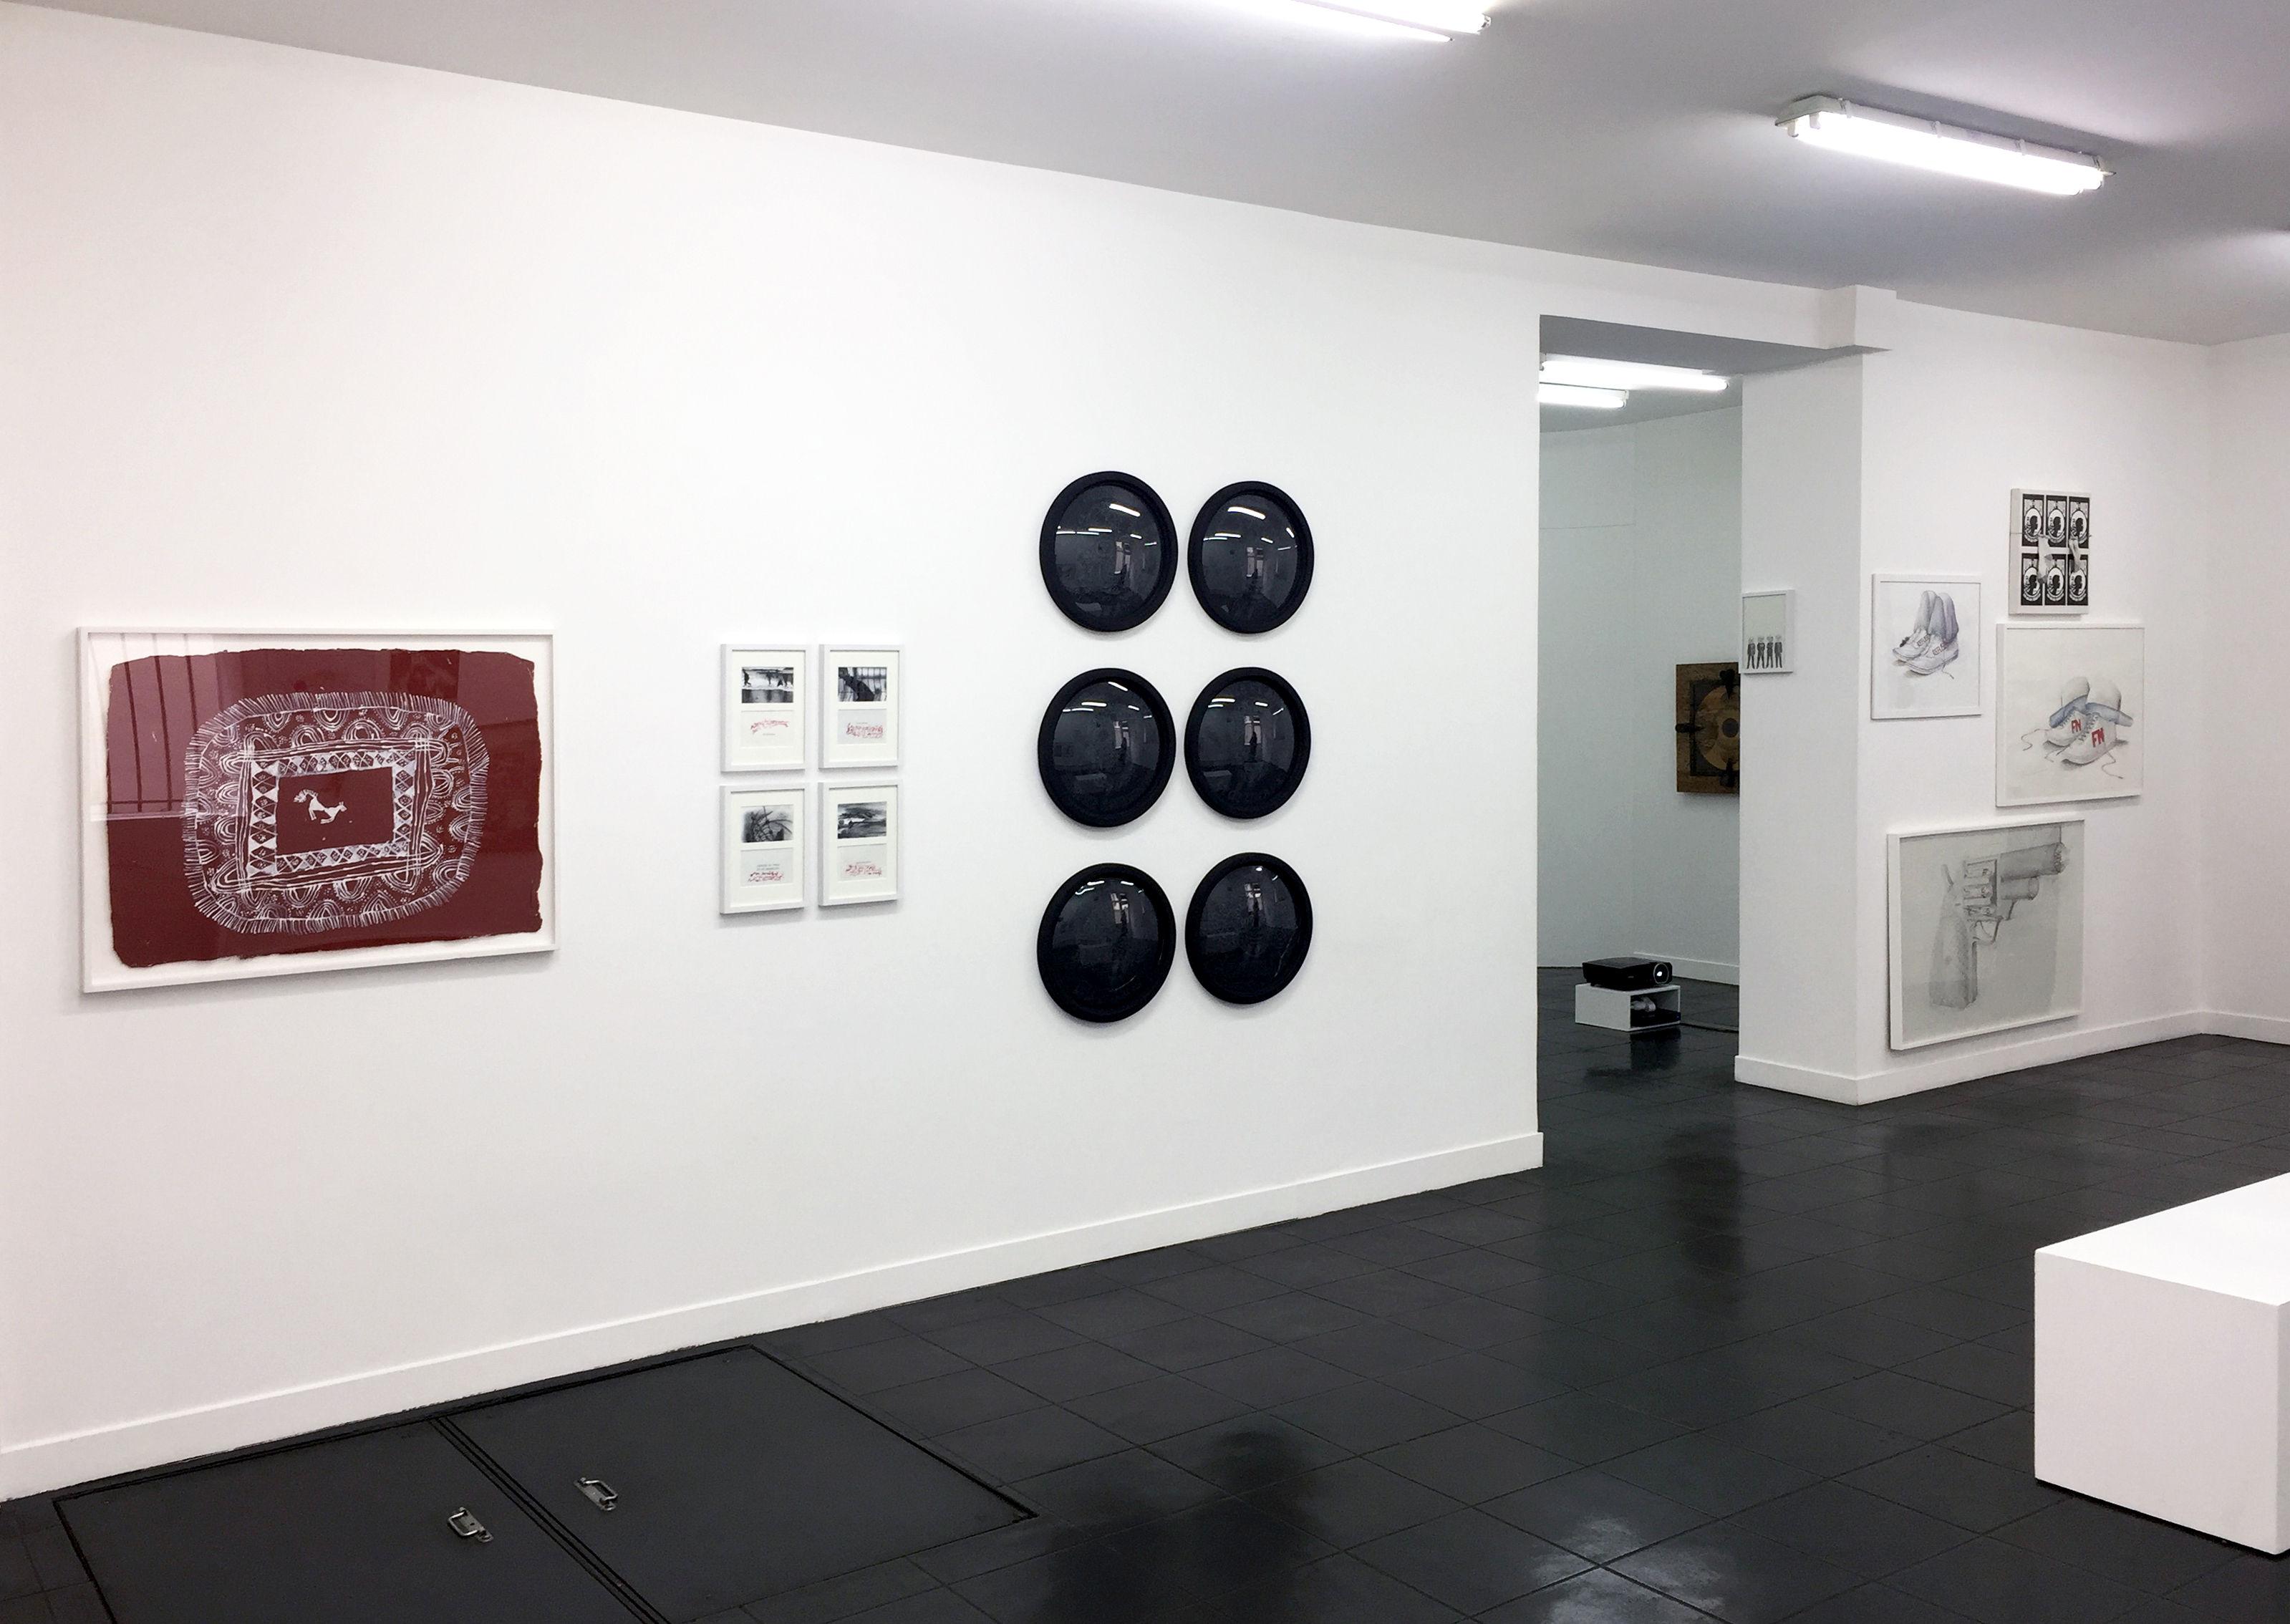 Galerie-Metropolis-VUE-EXPOSITION-DESSINS-PERTURBATEURS-3